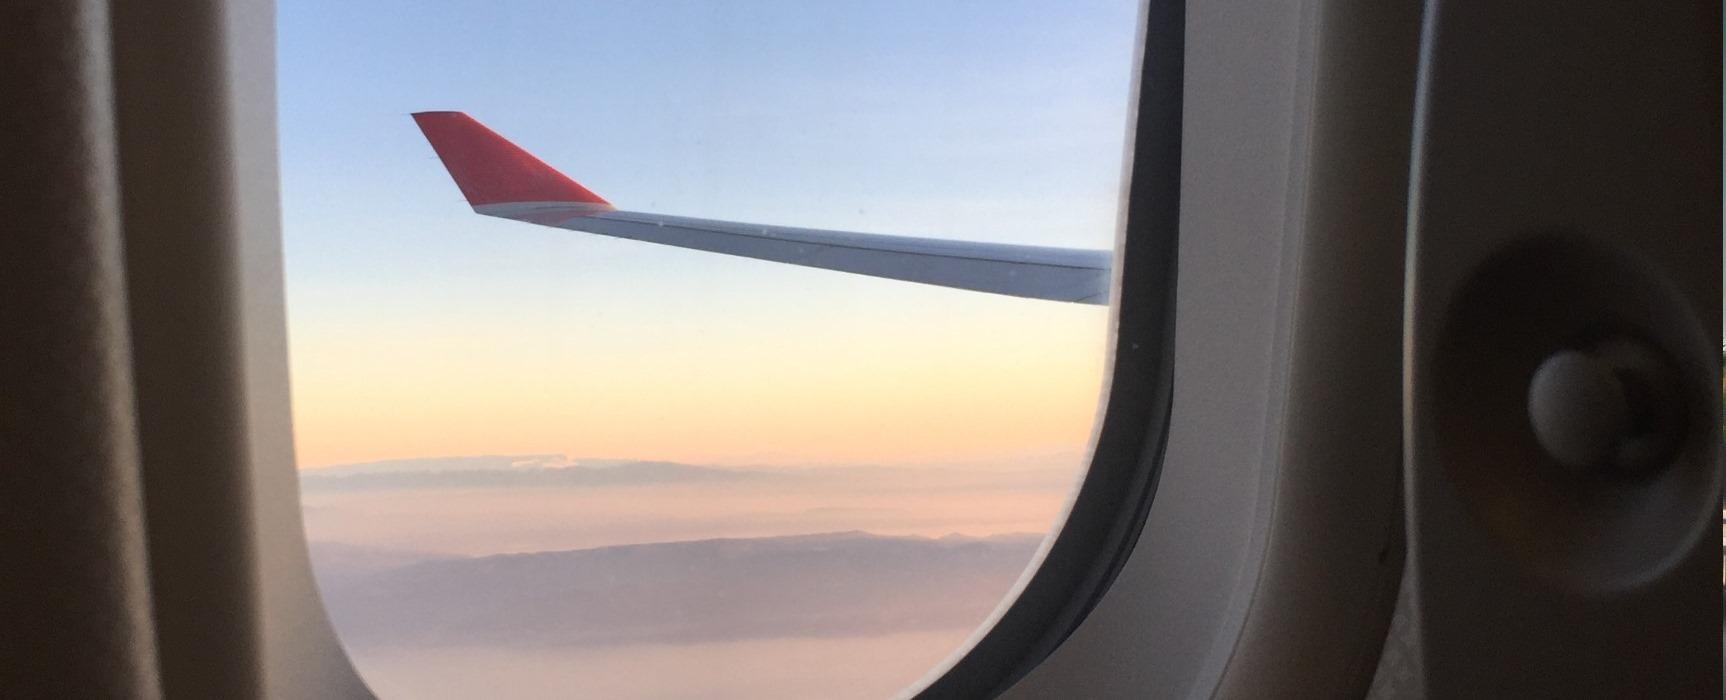 Flugzeug und Bahn: die E-Zigarette auf Reisen Natürlich willst Du auch im Urlaub und auf Dienstreisen nicht auf den Genuss Deiner E-Zigarette verzichten.  Hier findest Du die wichtigsten Informationen für das Dampfen unterwegs.